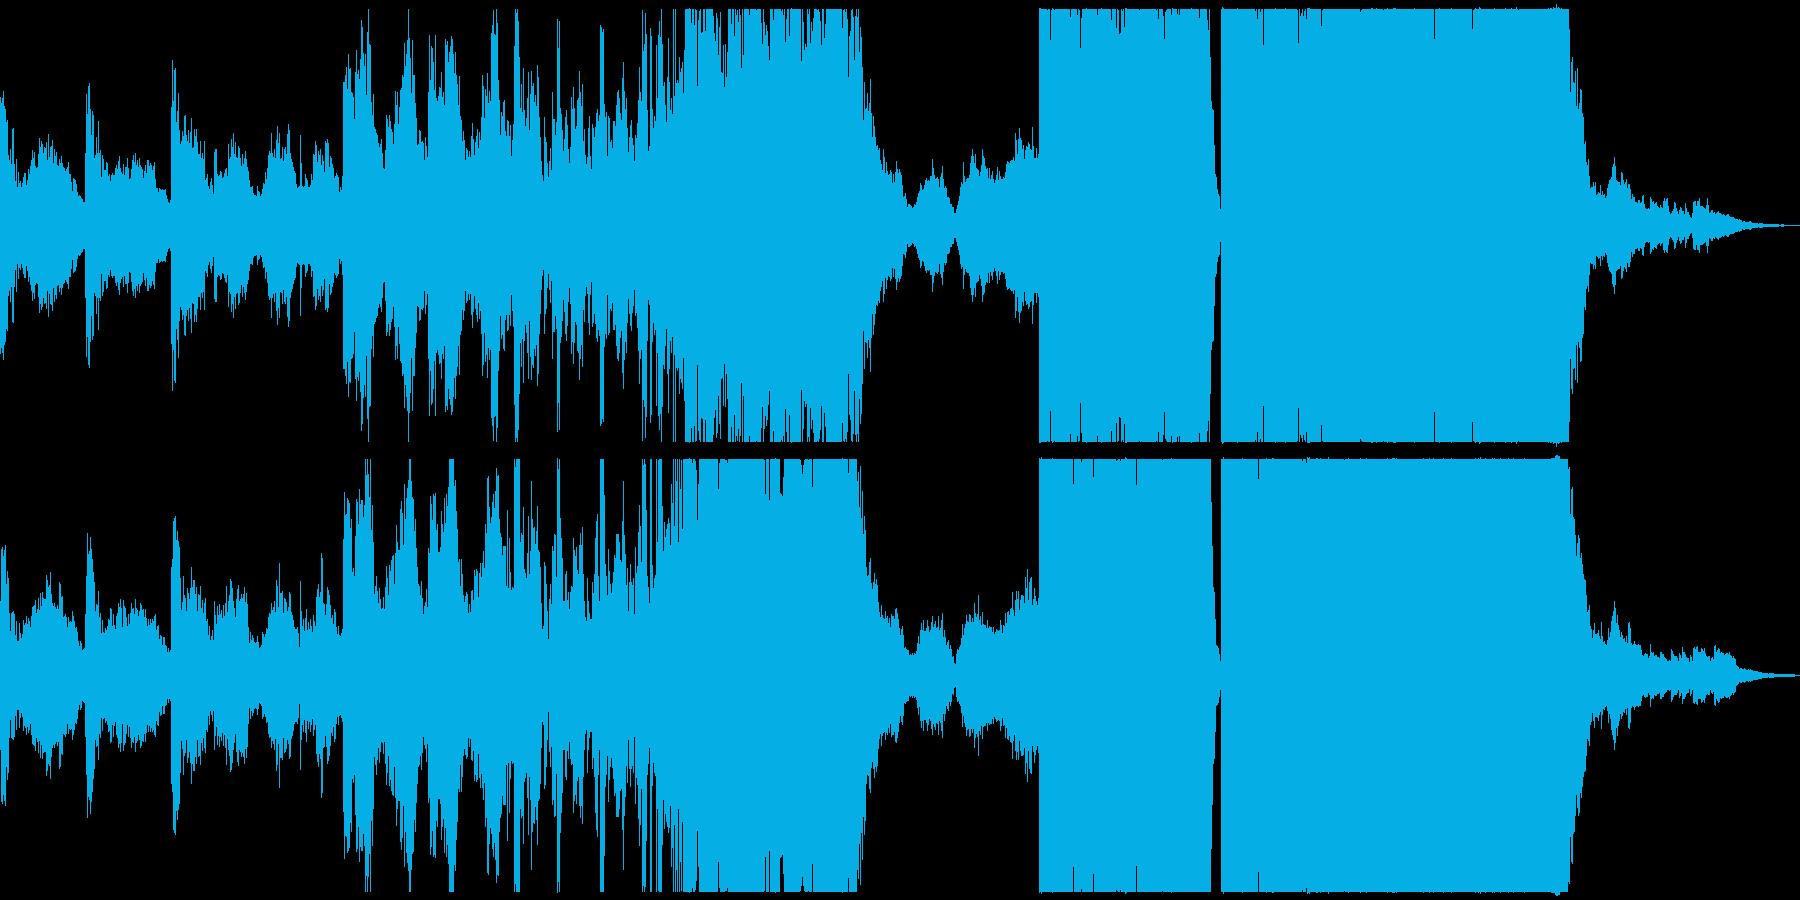 前衛交響曲 広い 壮大 ファンタジ...の再生済みの波形